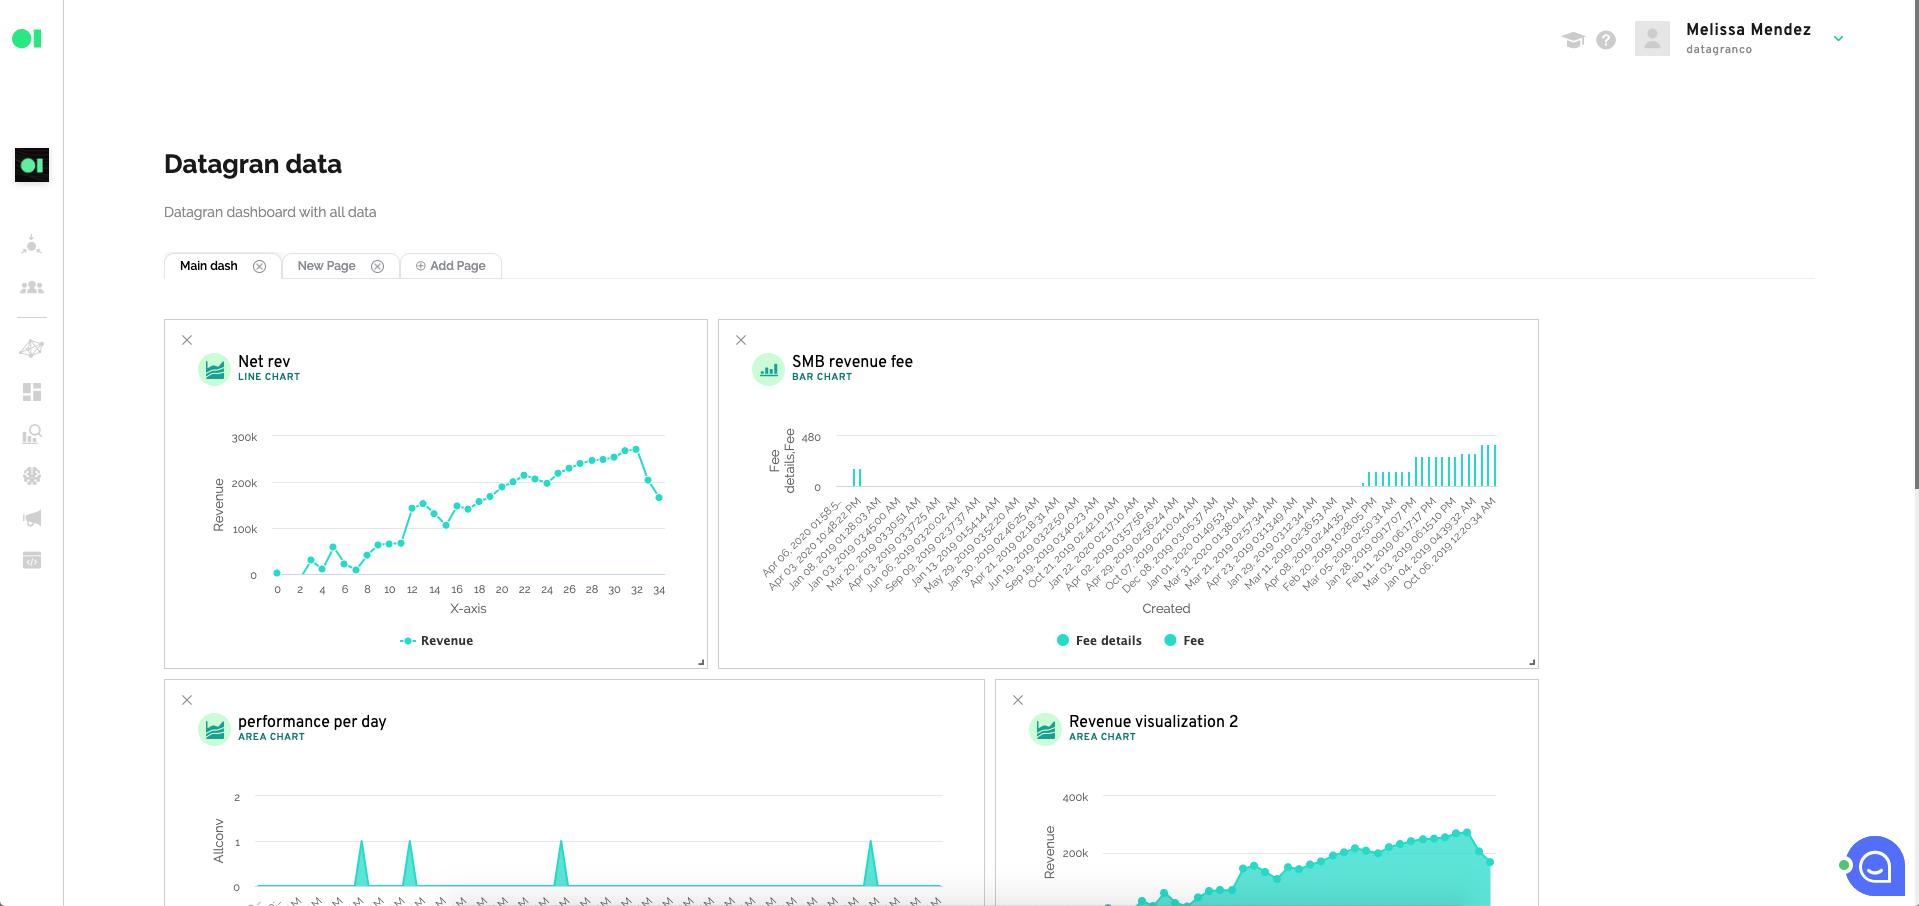 A data dashboard